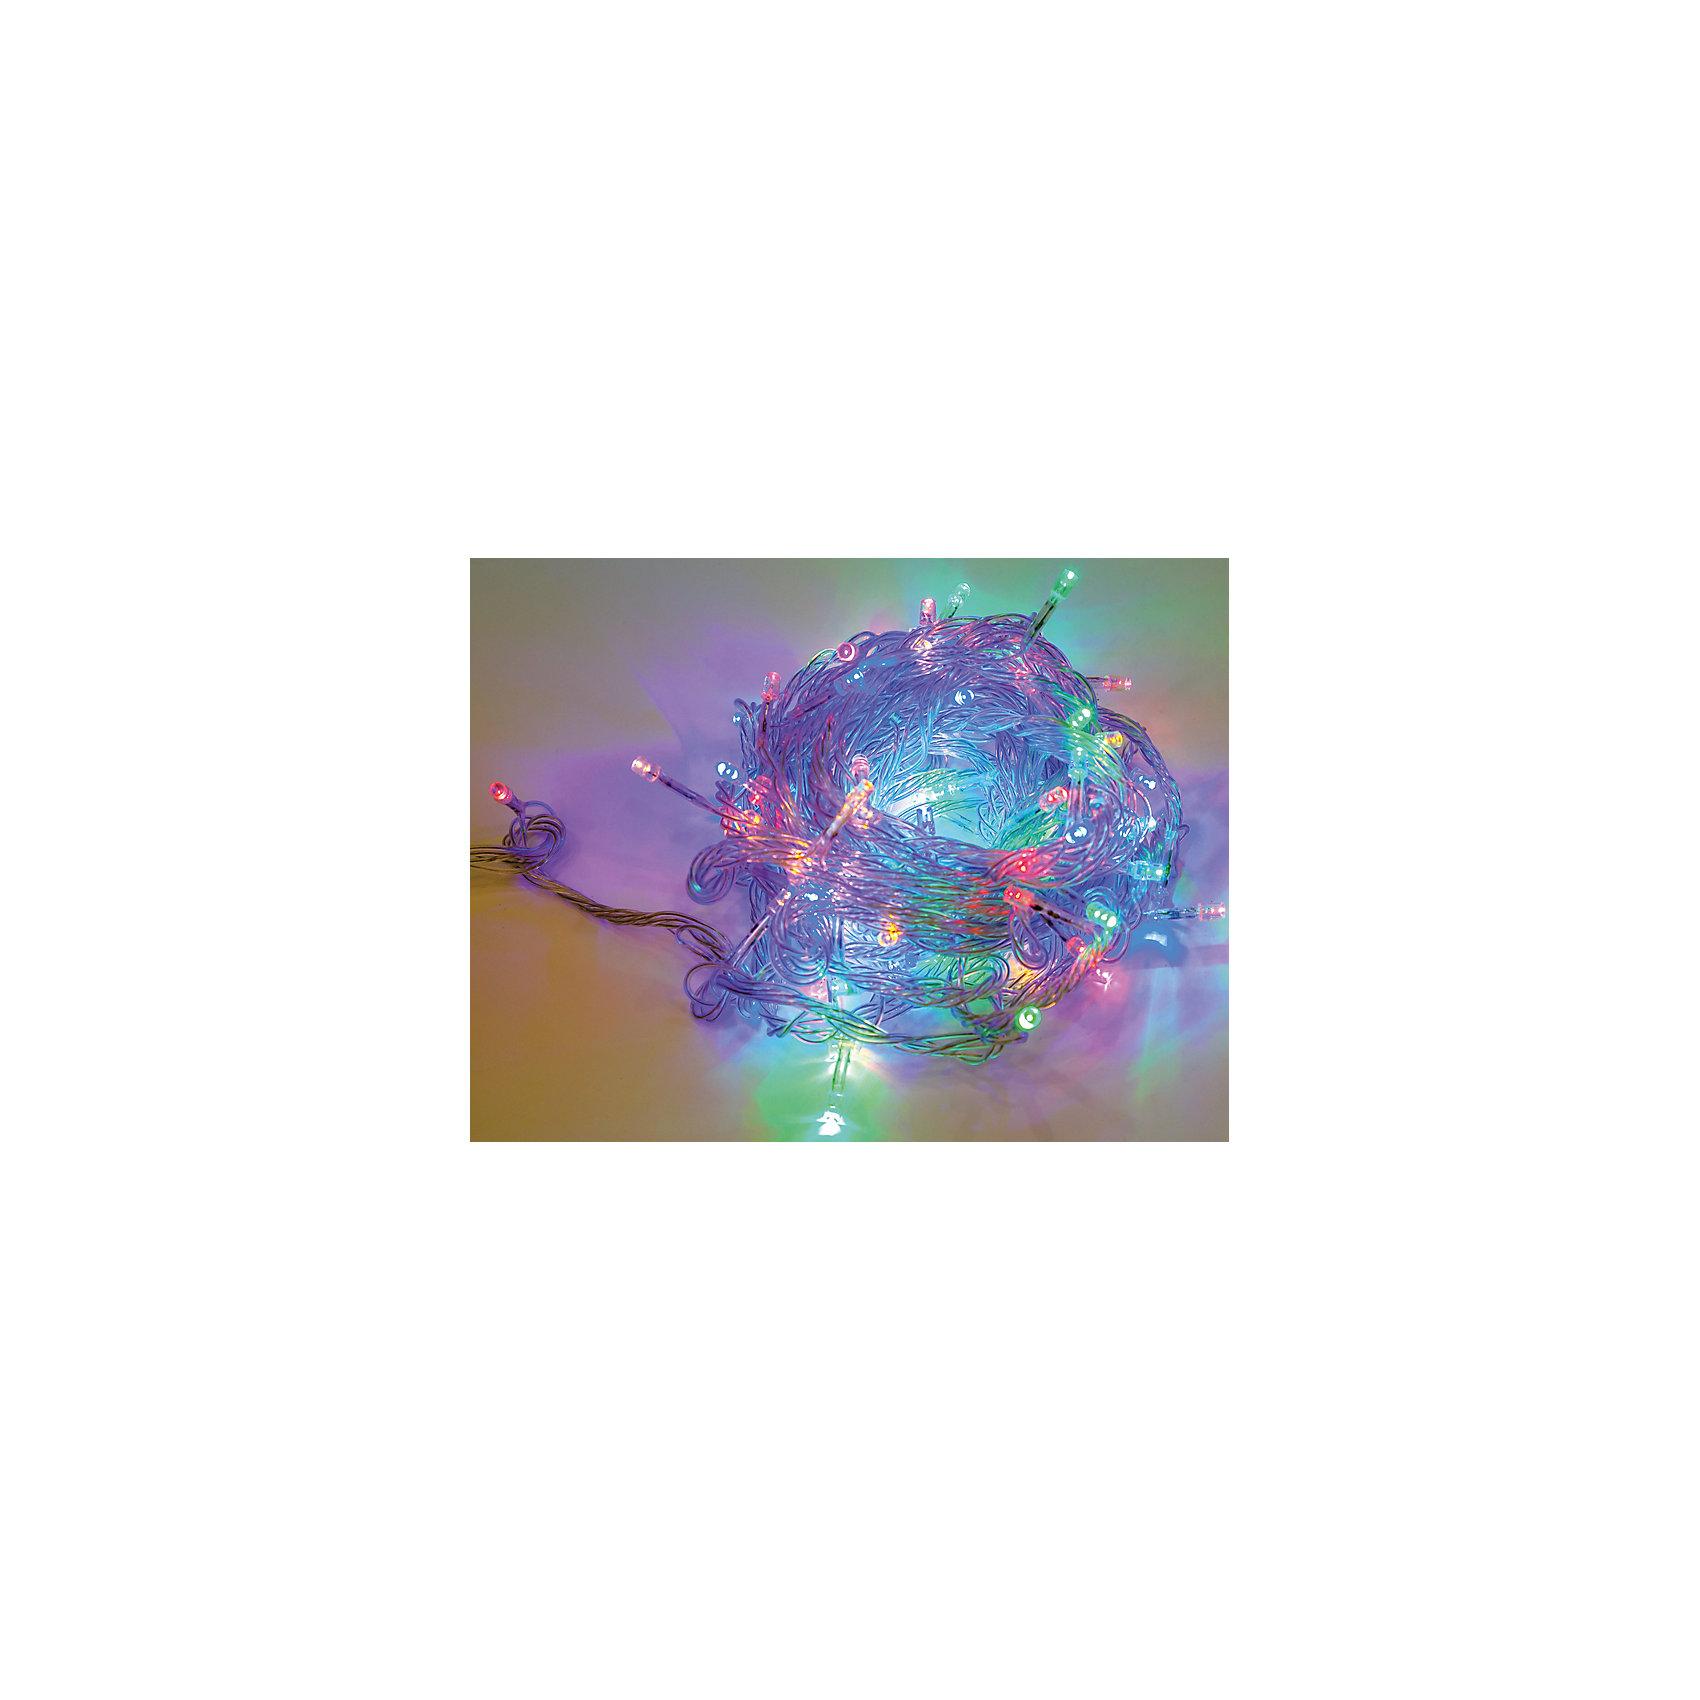 Электрогирлянда 100LED цветного свечения, прозрачный провод 8м, 8 режимовЭлектрические гирлянды – важный атрибут новогодних праздников. С их помощью украшают не только елки, но и окна, подъезды, фасады домов. <br> Гирлянда электрическая состоит из 100 LED -лампочек цветного свечения. <br> Прозрачный провод длиной 8 м . <br> Кол-во режимов работы – 8.<br><br>Ширина мм: 140<br>Глубина мм: 90<br>Высота мм: 80<br>Вес г: 0<br>Возраст от месяцев: 72<br>Возраст до месяцев: 540<br>Пол: Унисекс<br>Возраст: Детский<br>SKU: 5171931